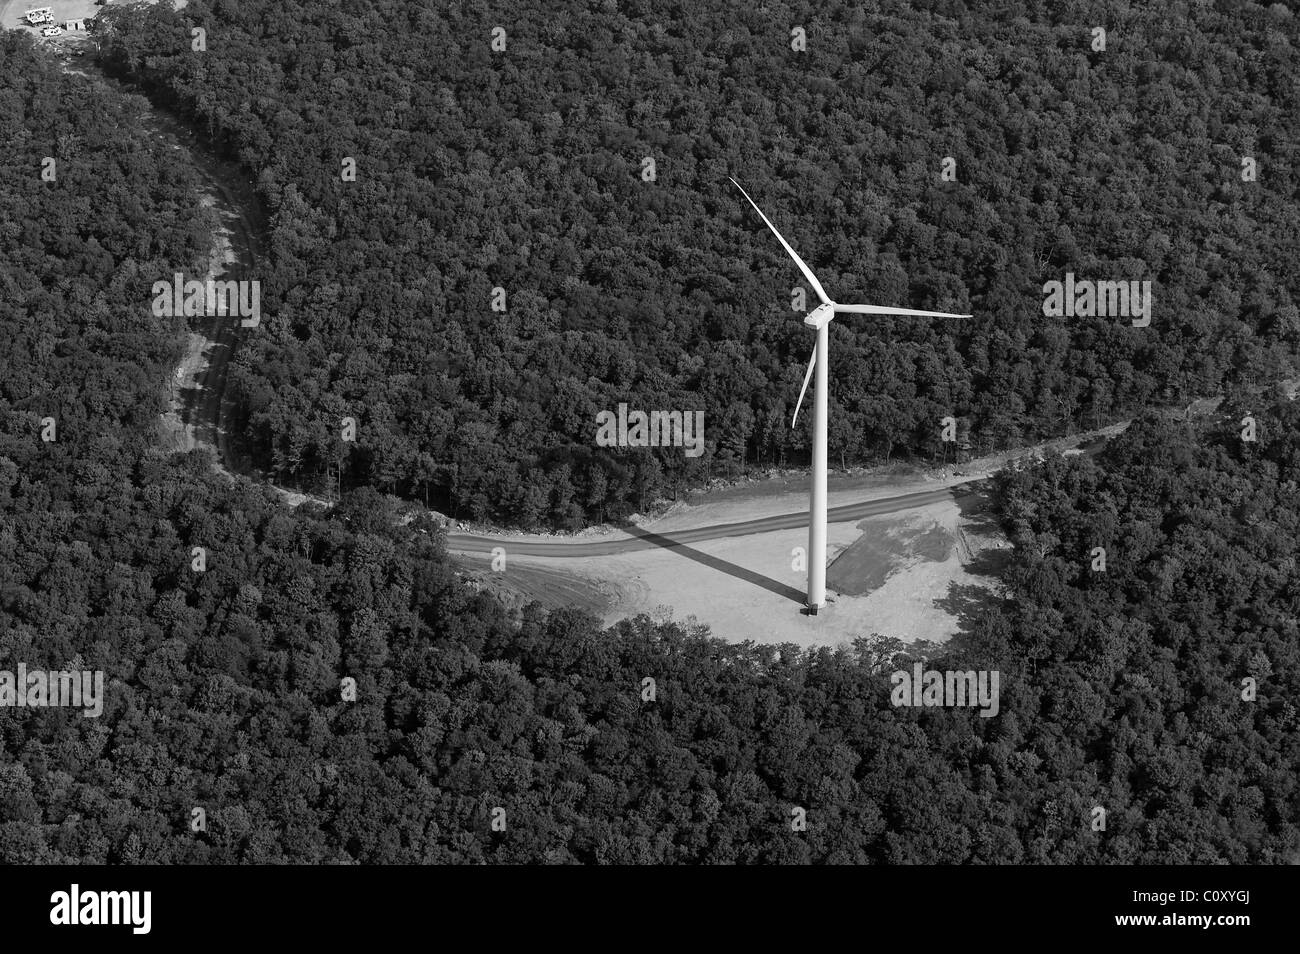 Luftbild oben wind Turbine Laubwald Appalachen-Pennsylvania Stockbild